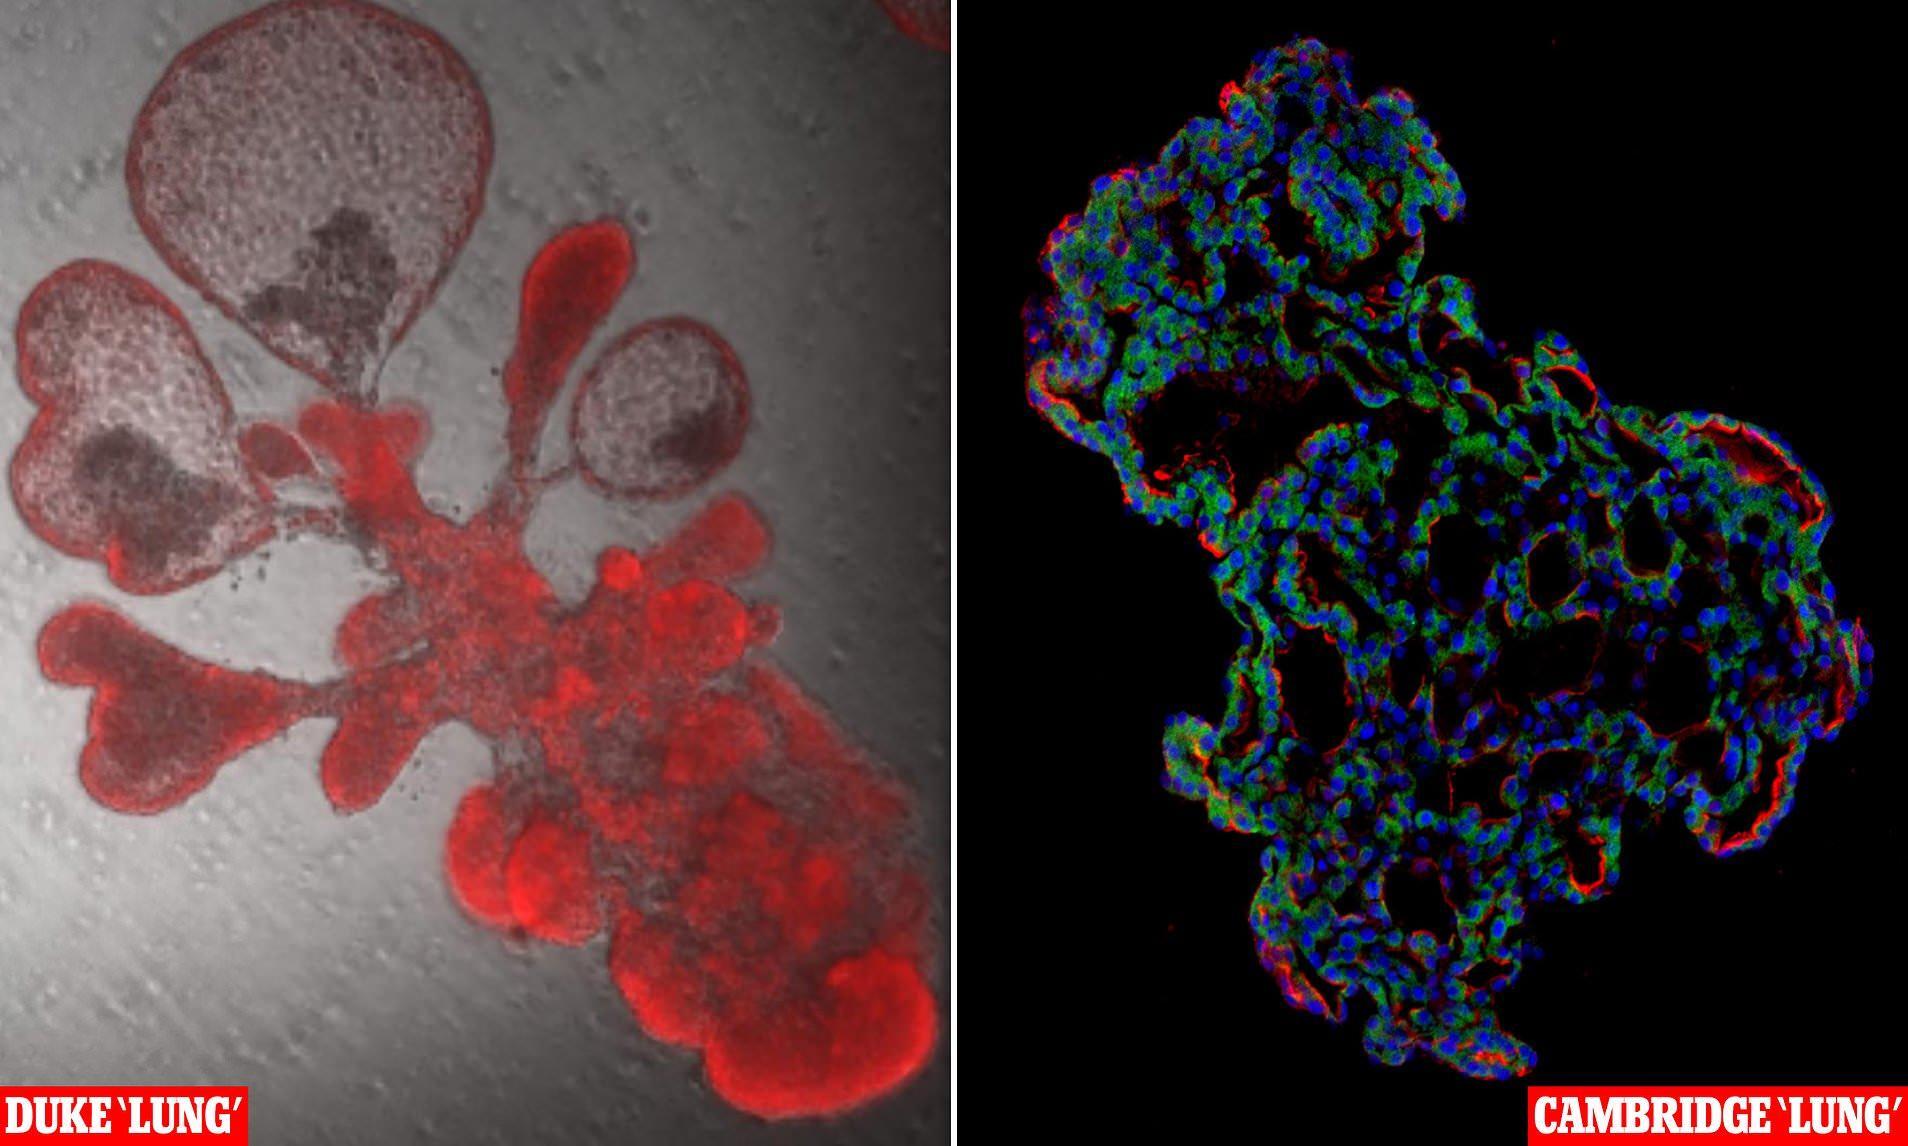 Искусственные мини-органы помогли ученым увидеть, как вирус SARS-CoV-2 повреждает легкие